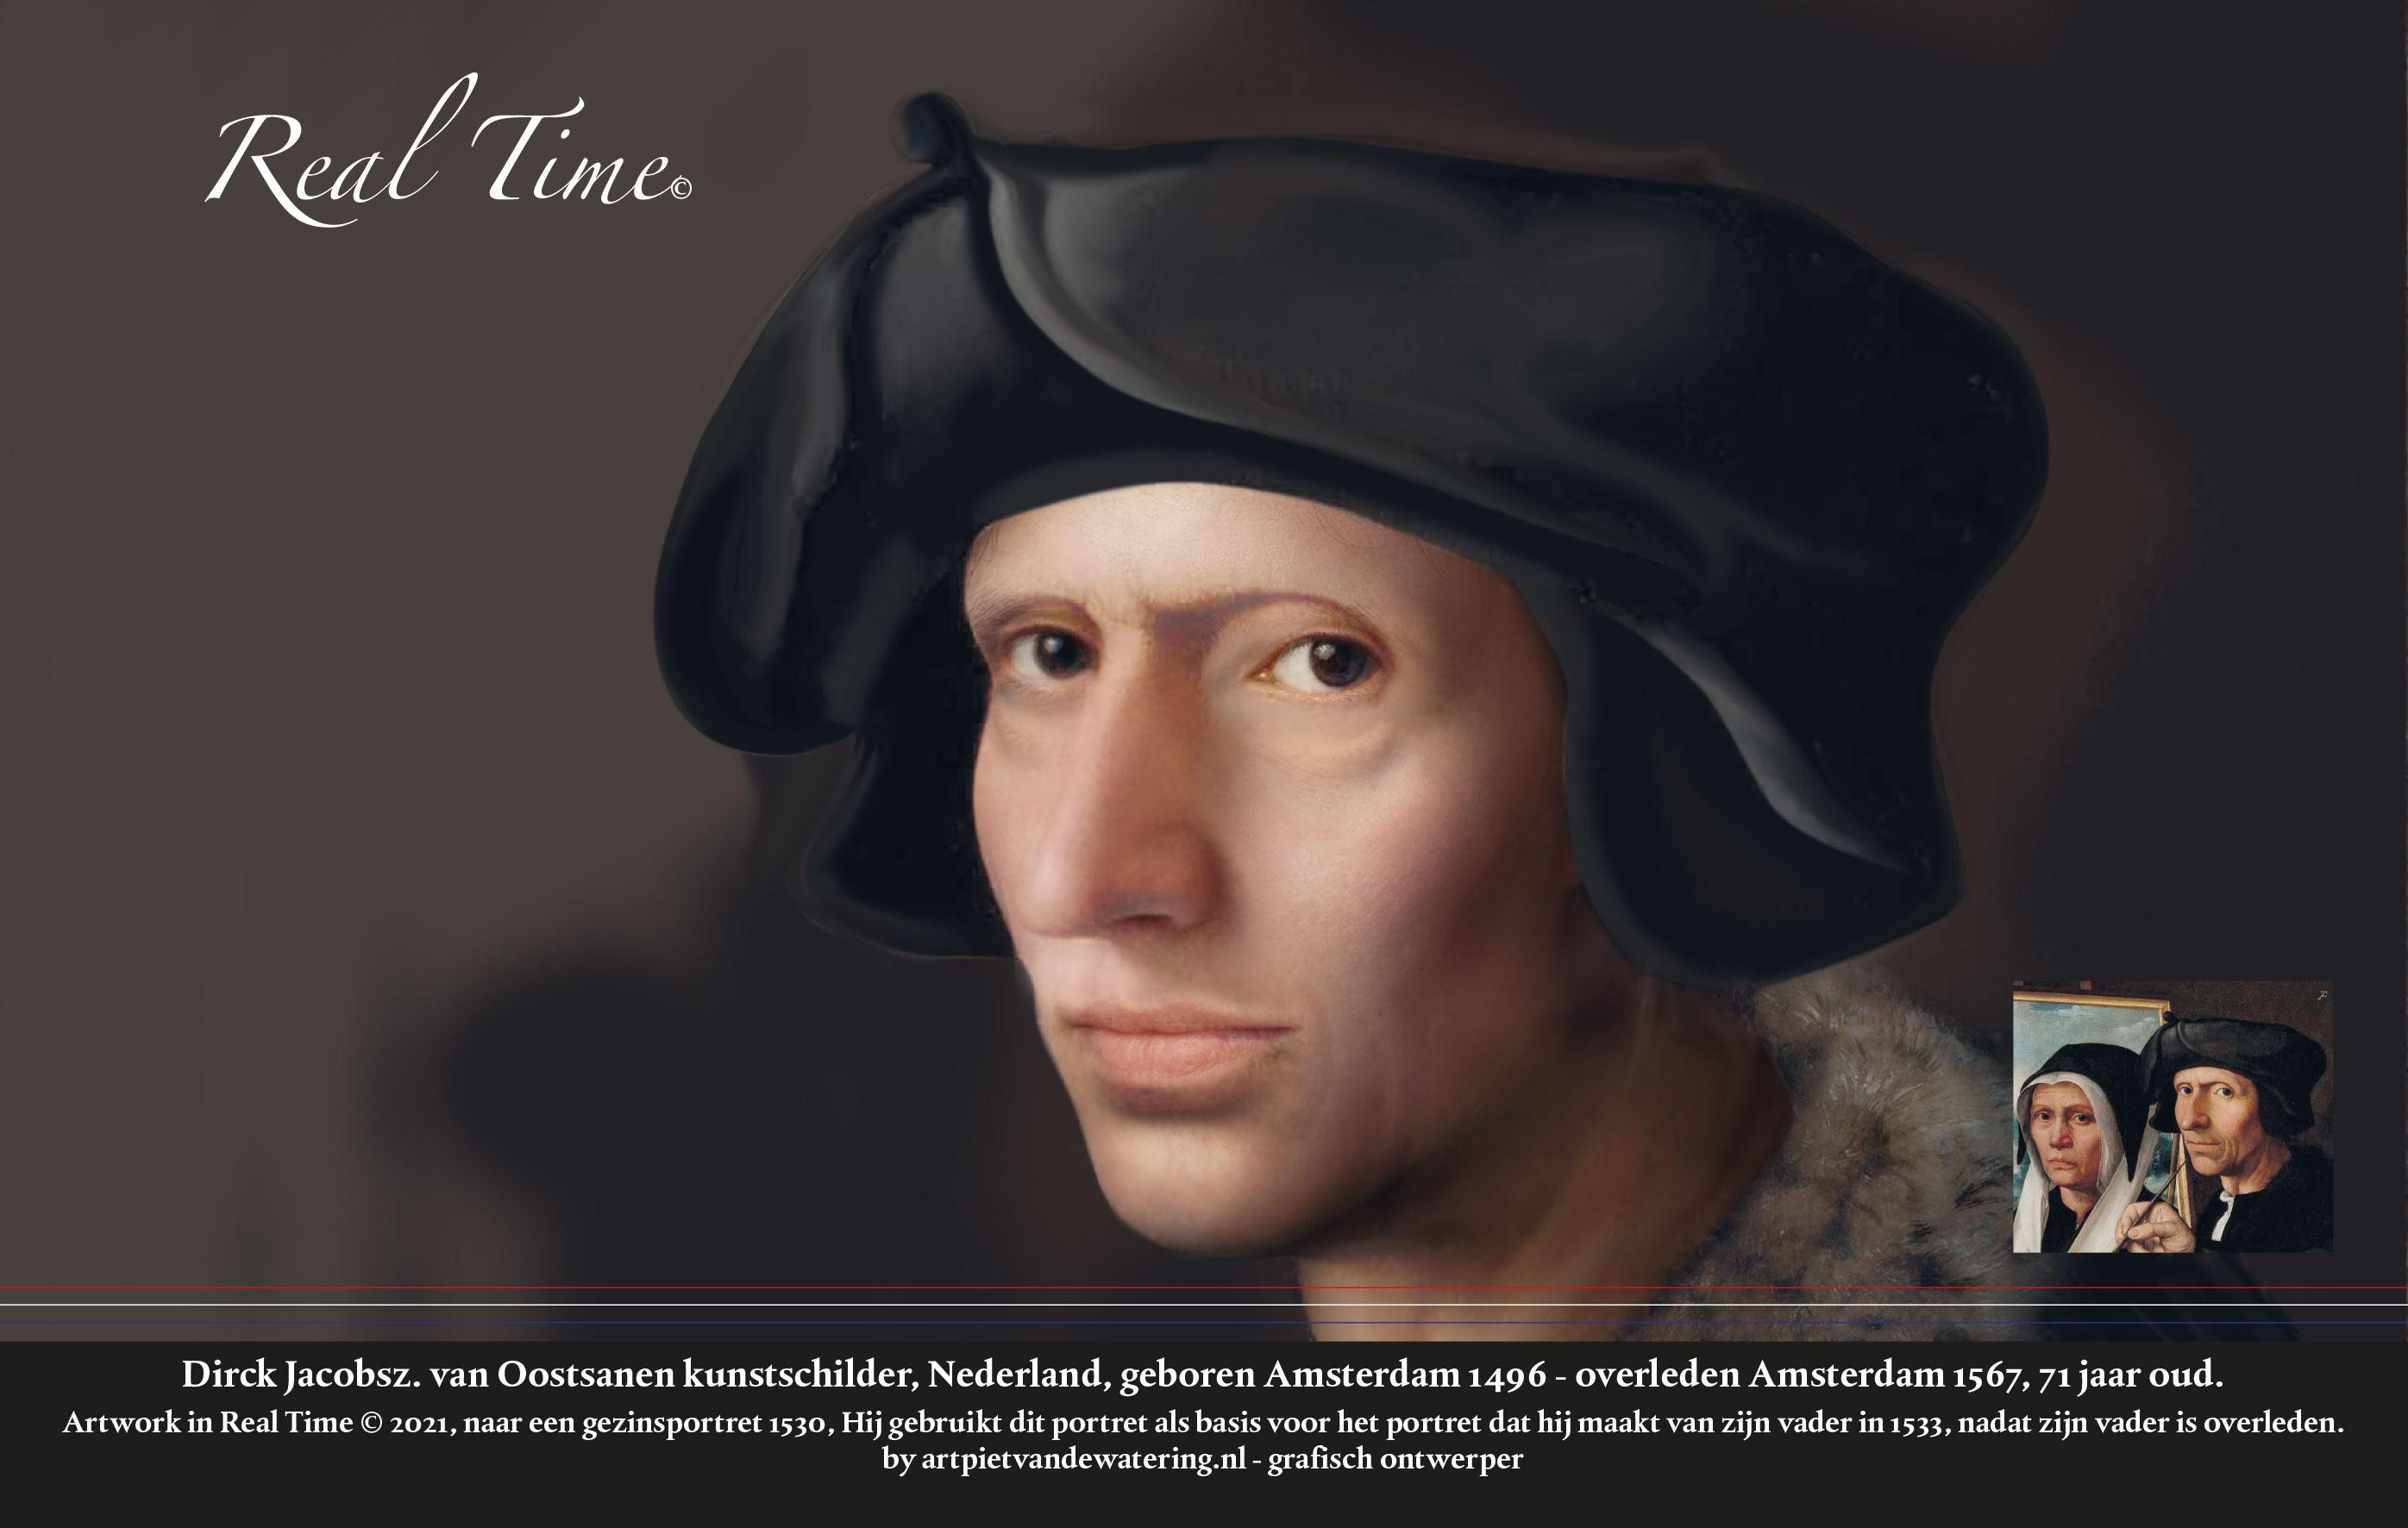 Dirck-Jacobsz-van-Oostsanen-1496-1567